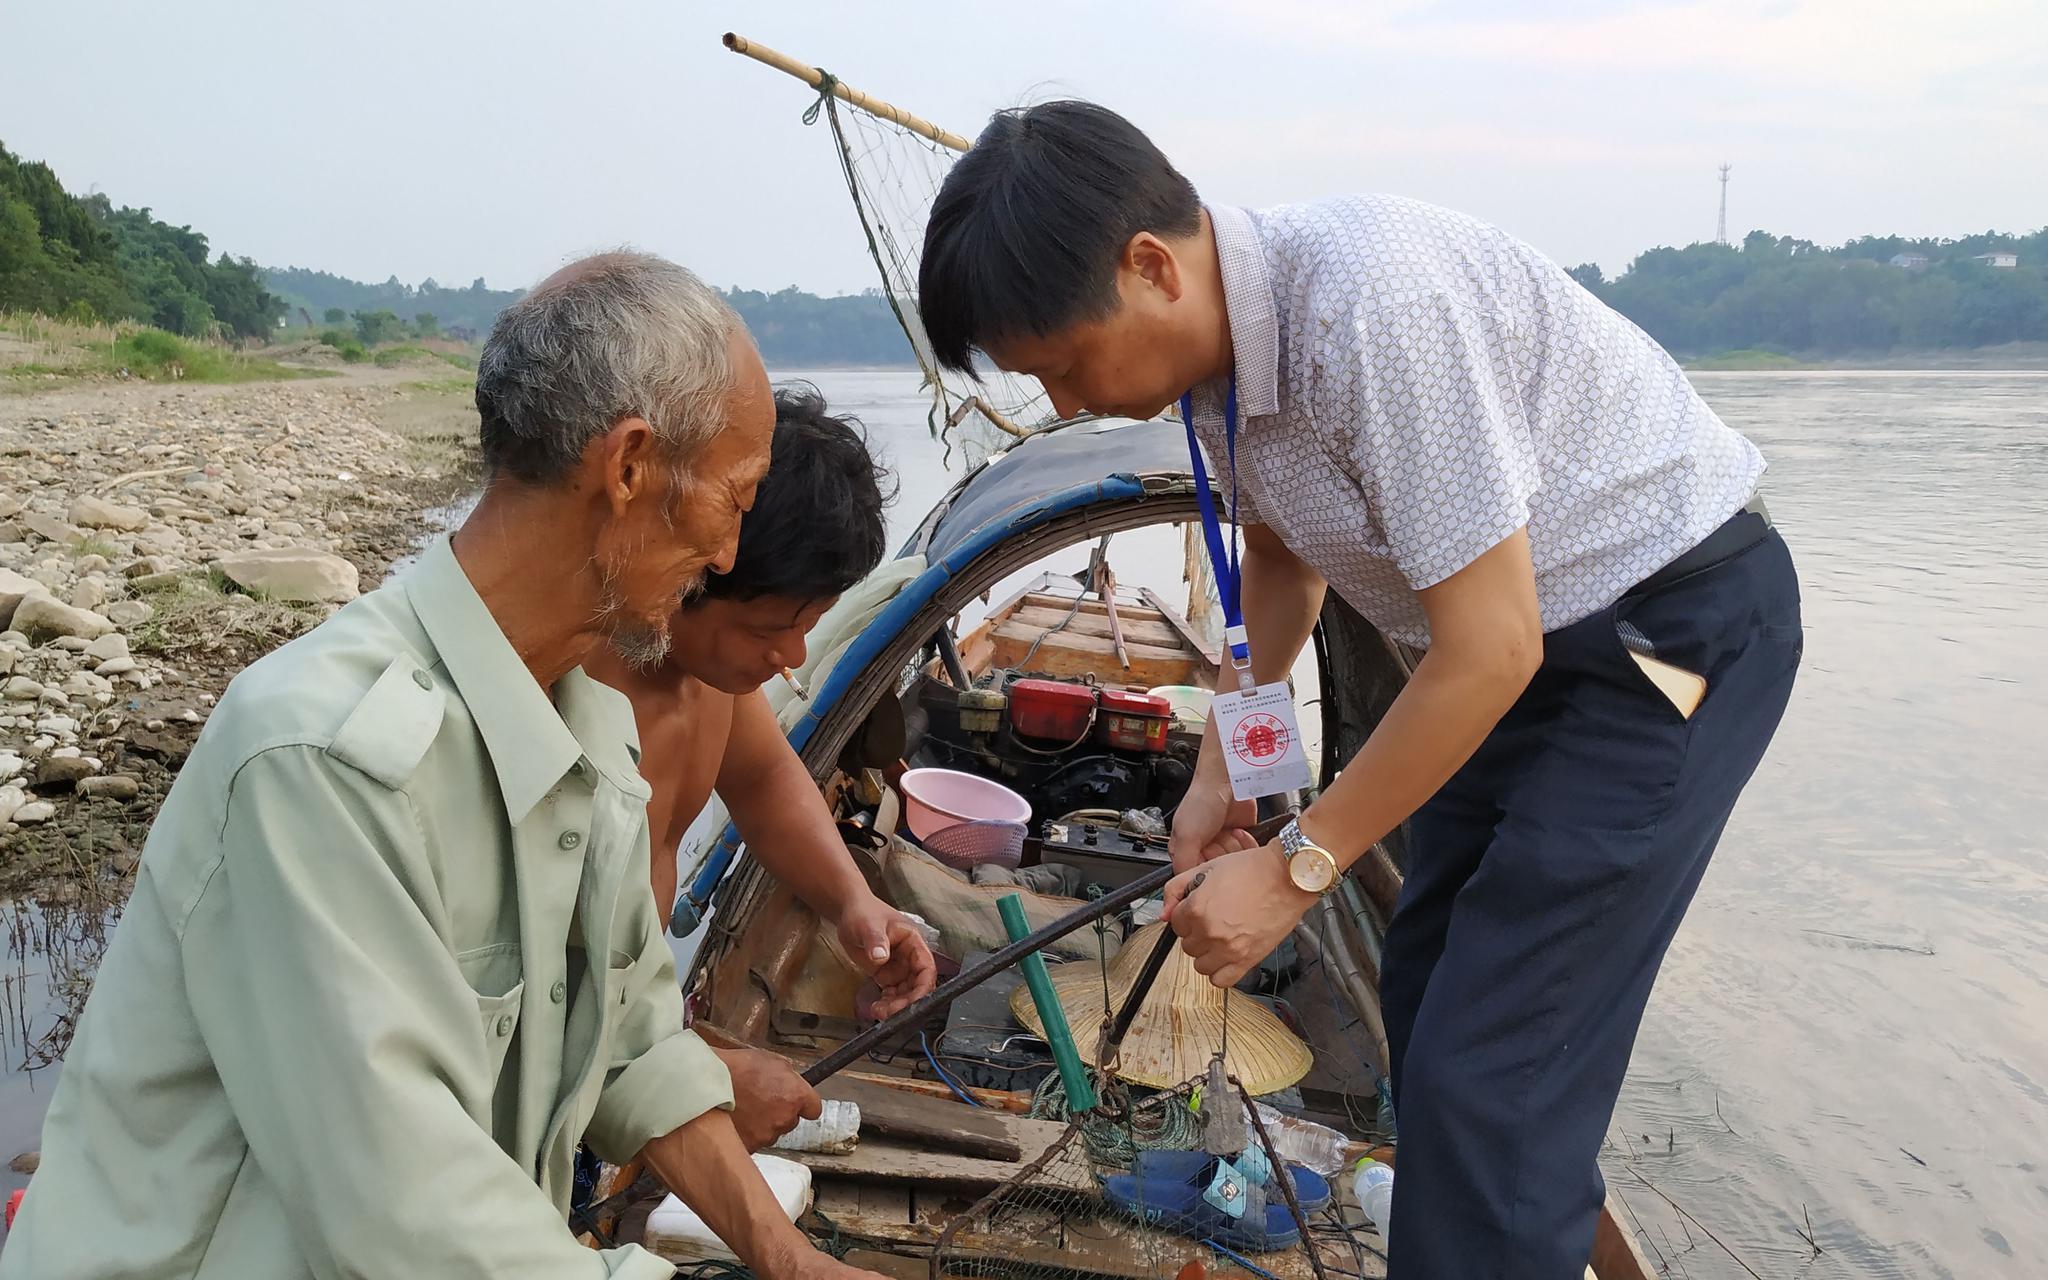 2018年8月,自贡市大安区执法大队人员在反电鱼志愿者协助下,在沱江江面抓获一条电鱼船,缴获约100斤渔获物。受访者供图